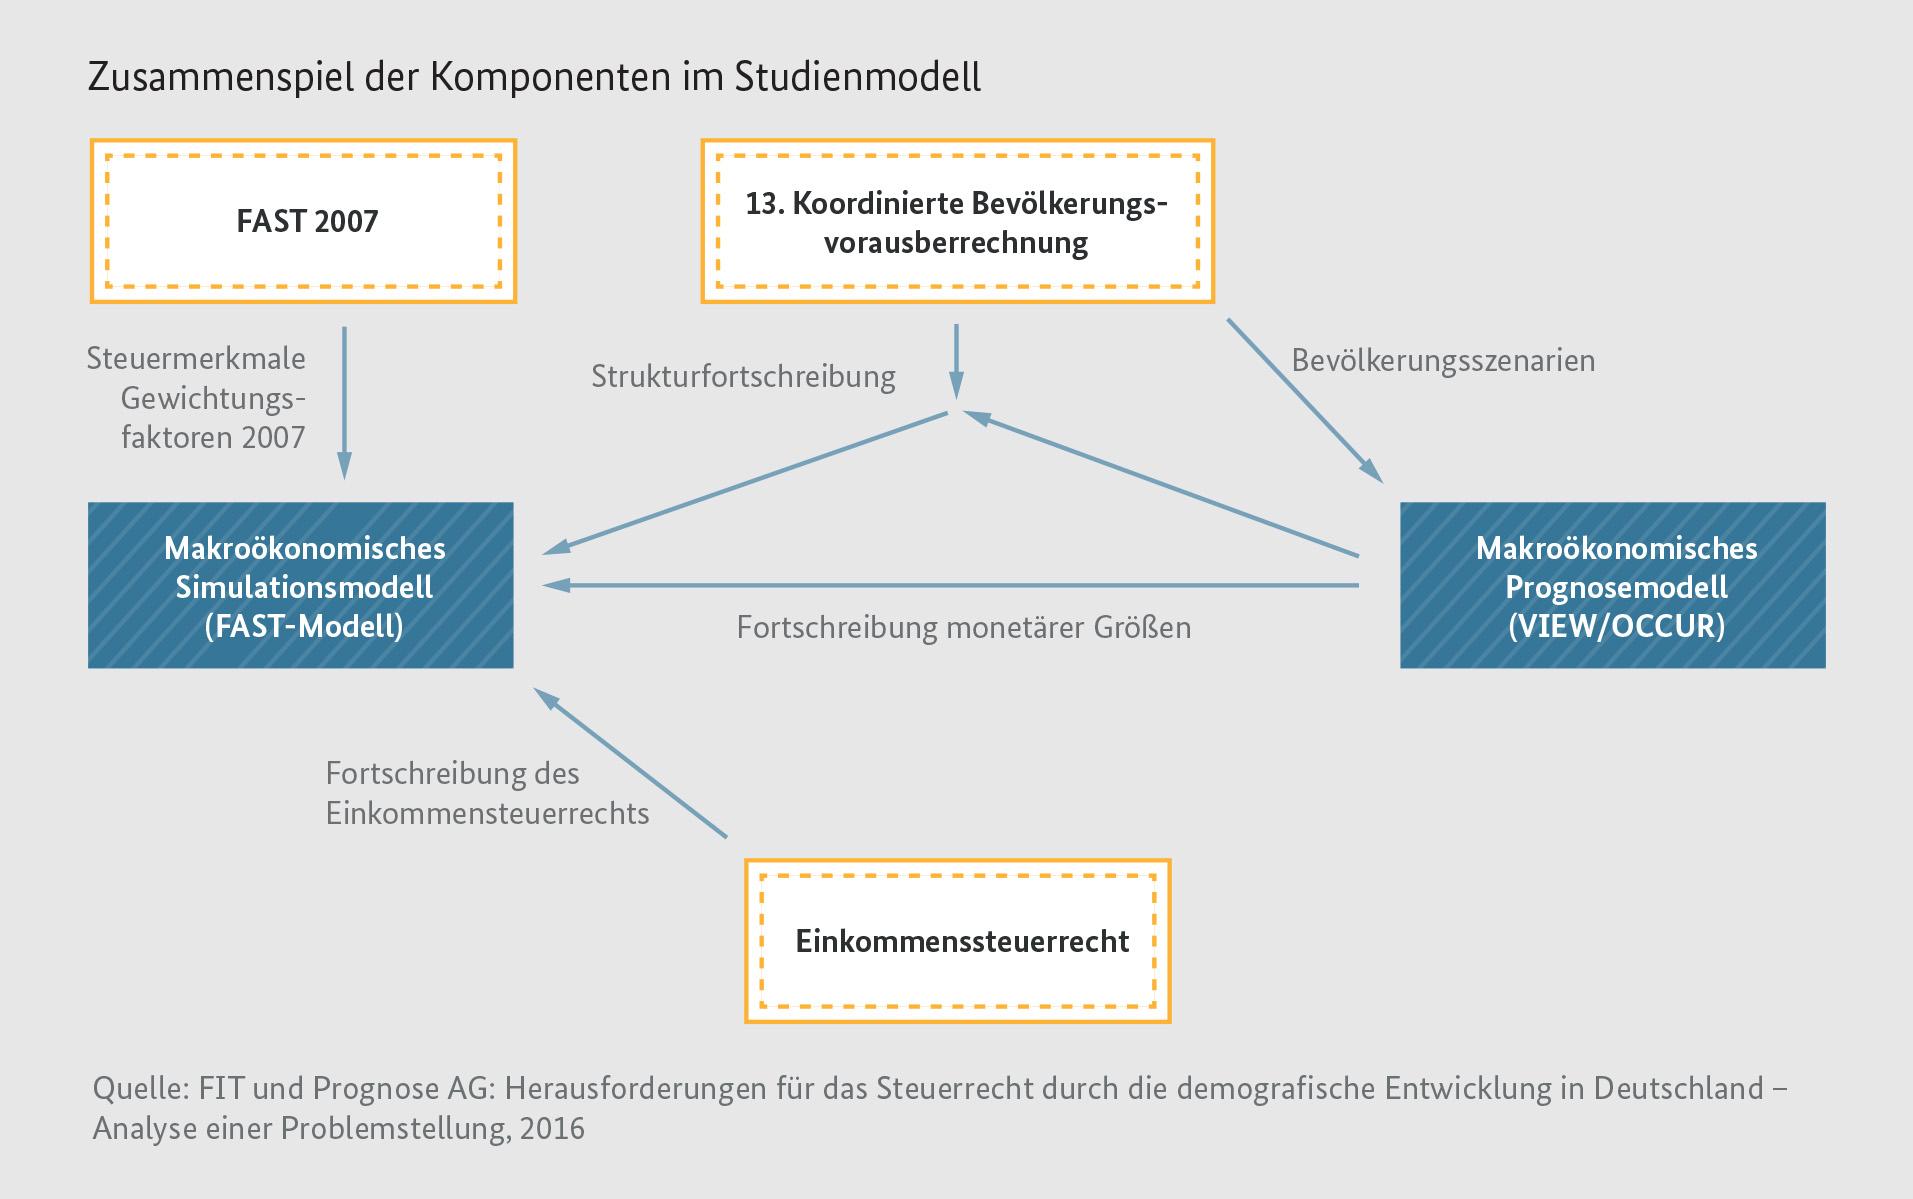 Abbildung Zeigt Das Zusammenspiel Der Komponenten Im Stu Nmodell